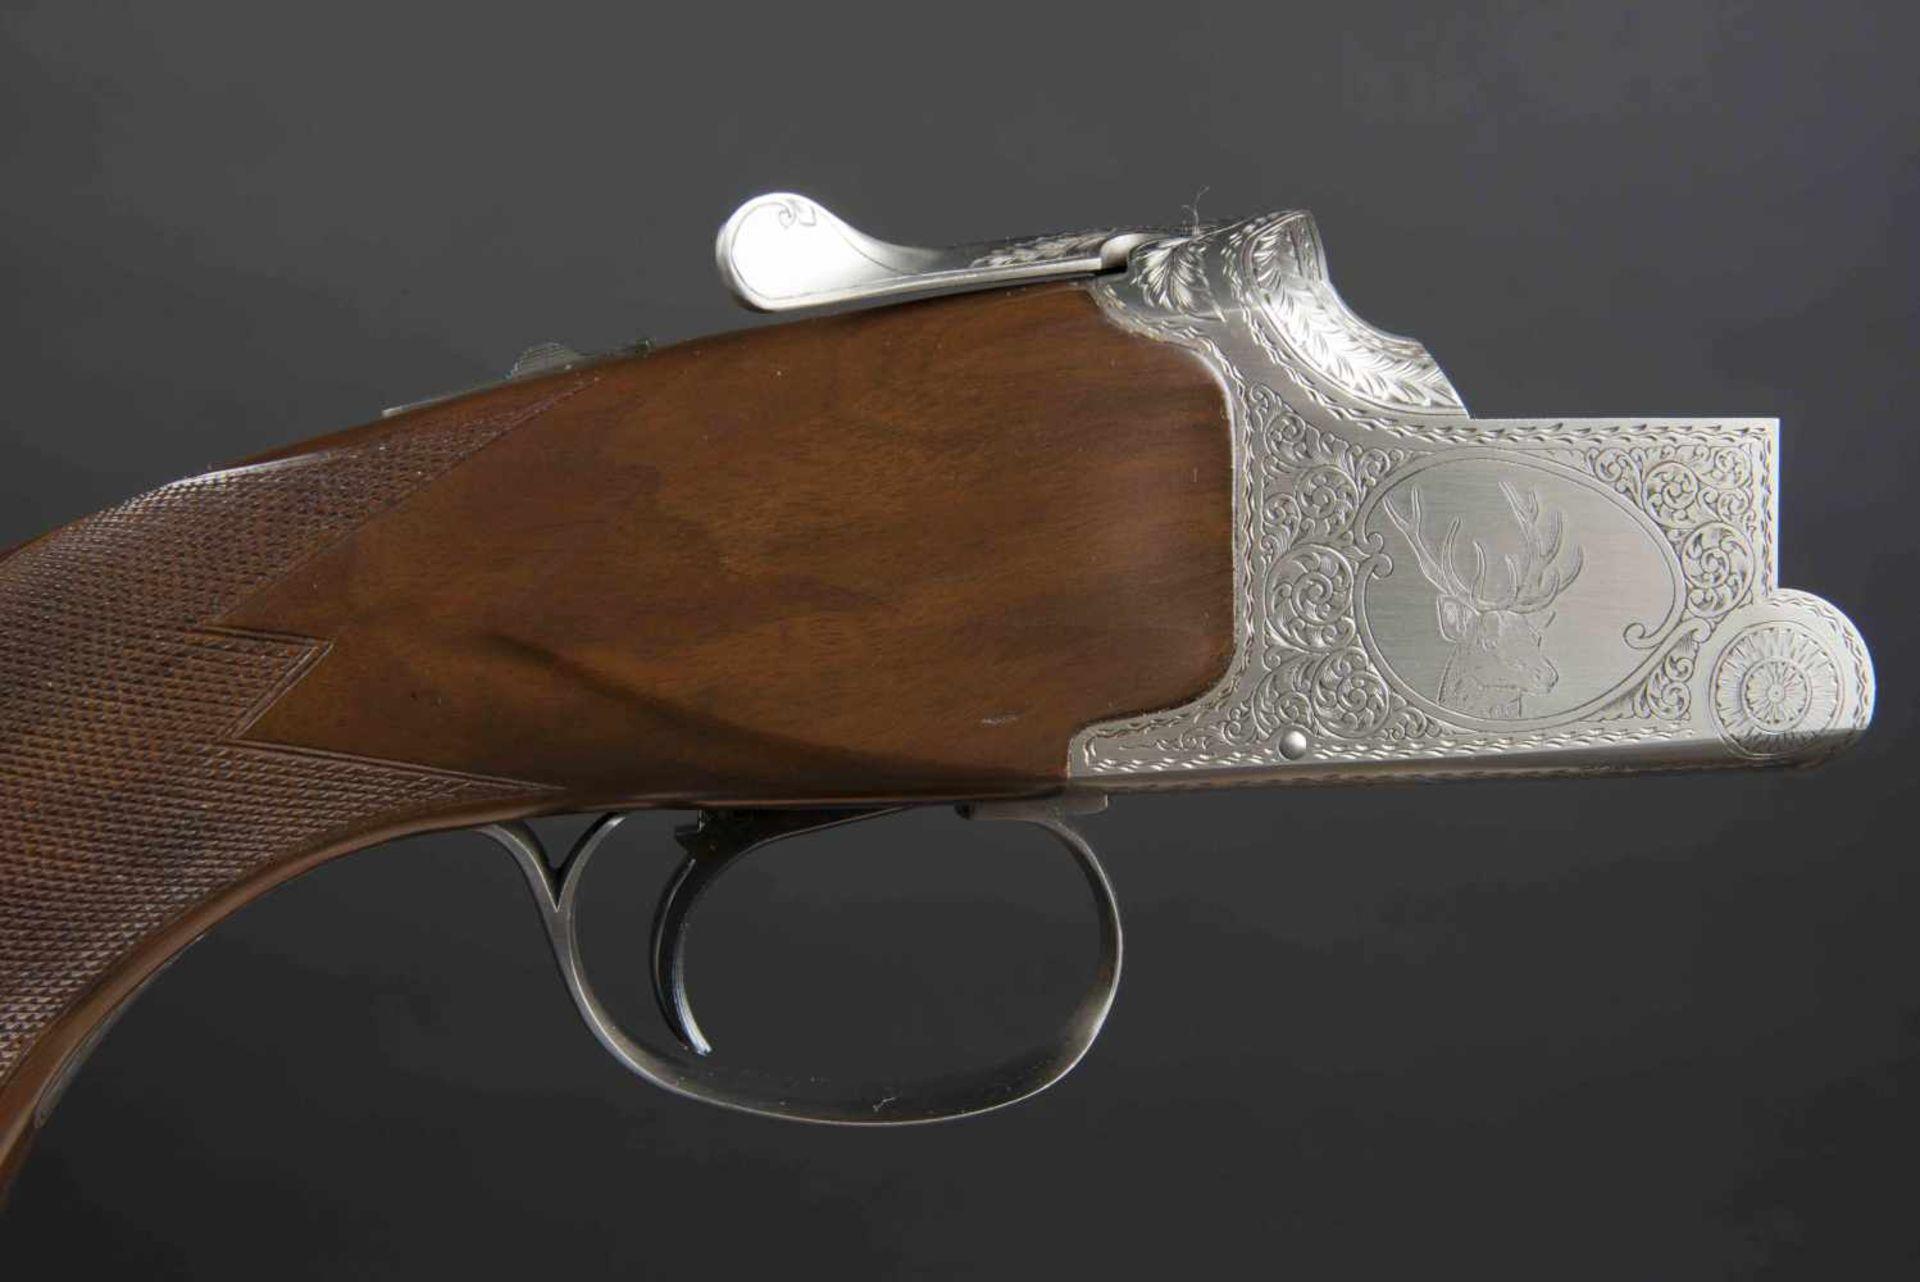 Winchester Catégorie C Grand European XT 9,3x74R/9,3x74R. Parties métalliques ciselées, avec - Bild 2 aus 4